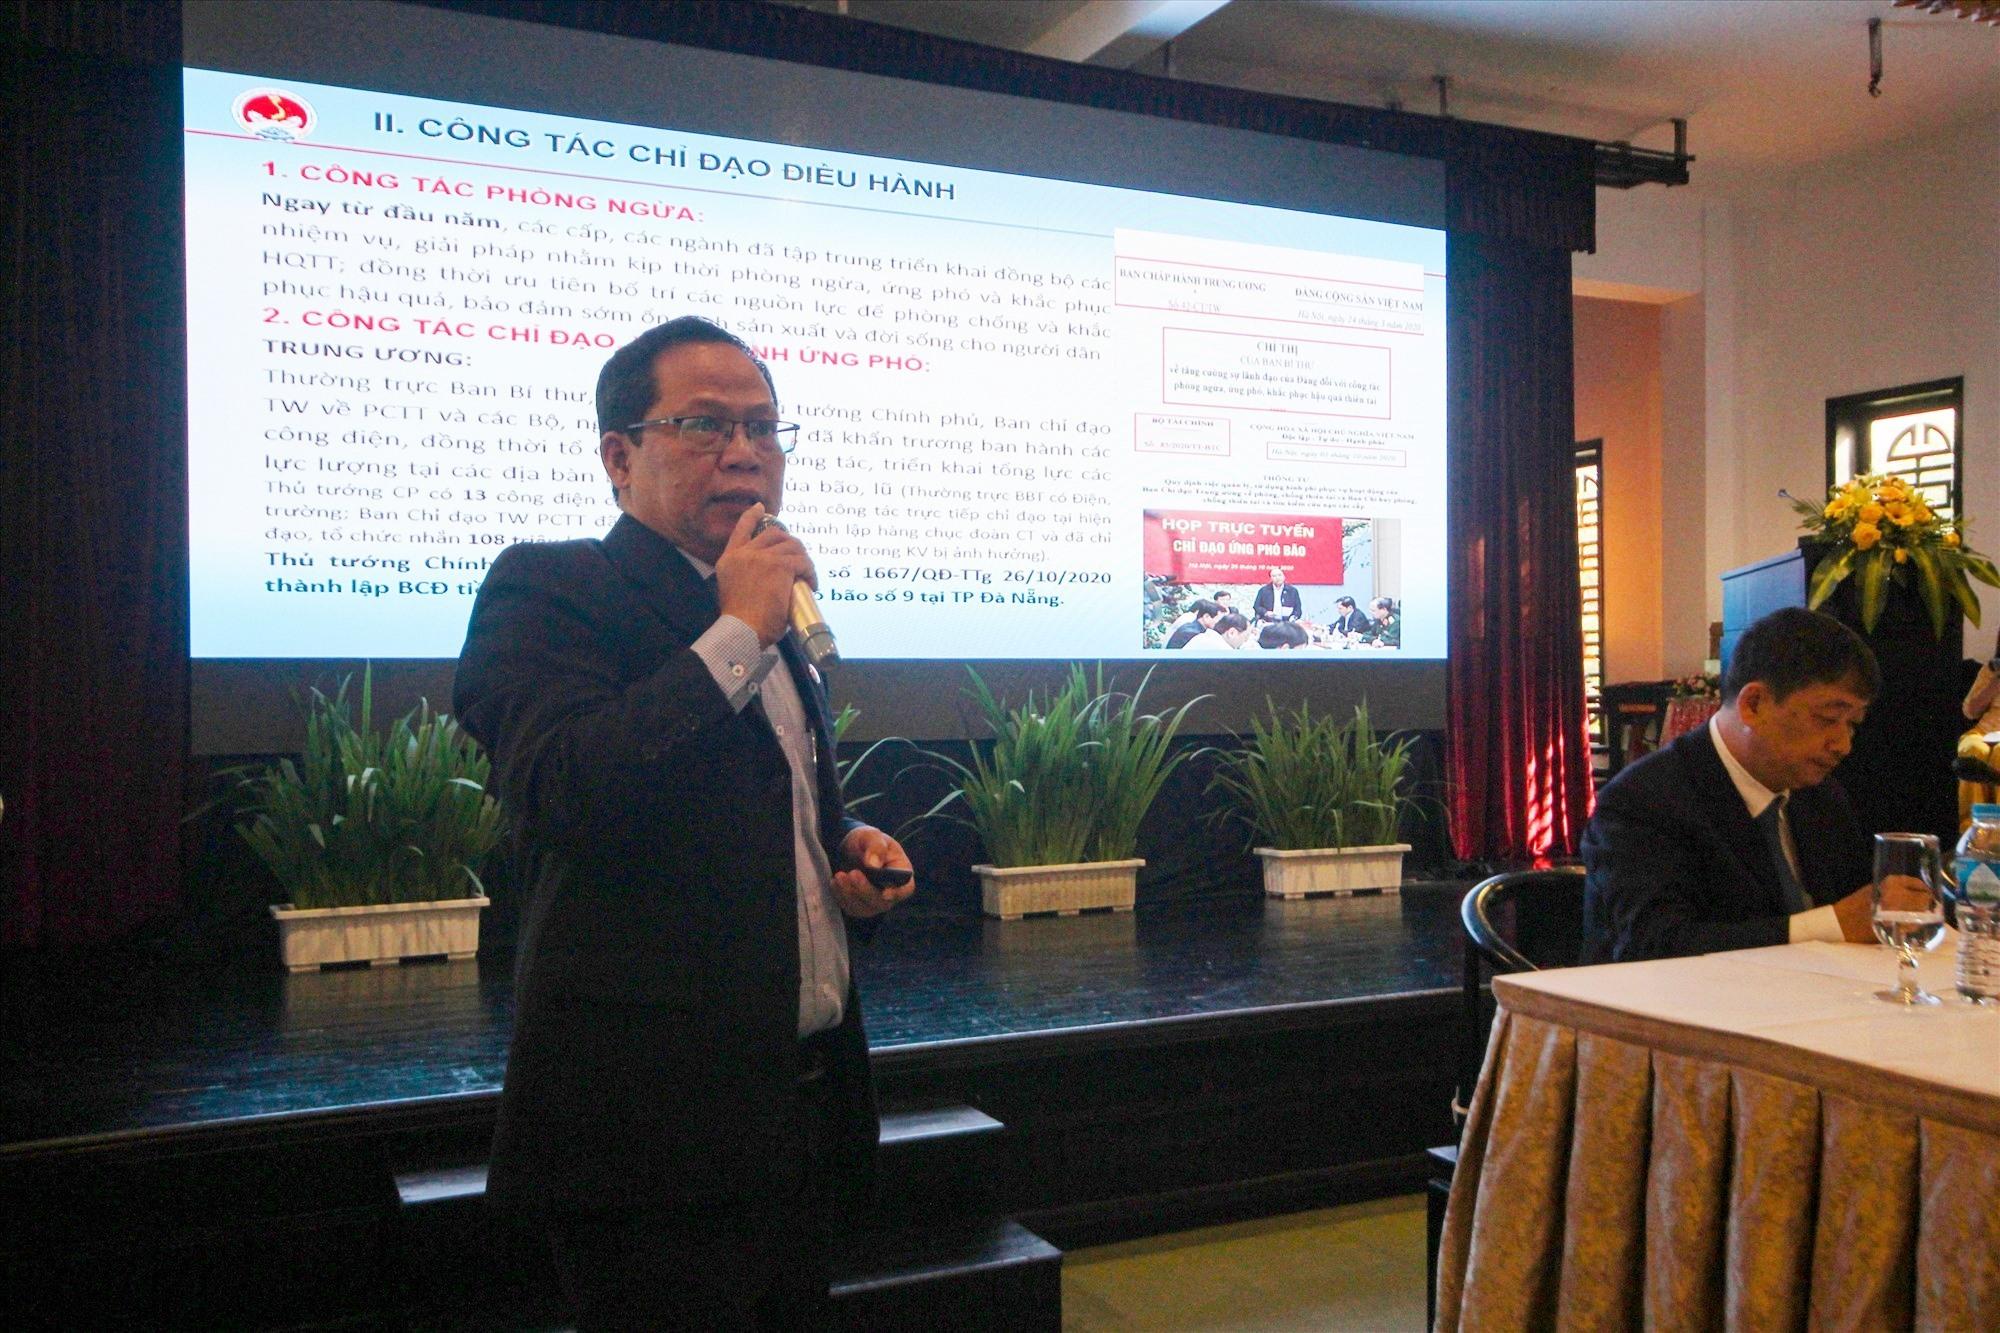 Nhiều ý kiến tham luận, thảo luận của các chuyên gia được trình bày tại hội thảo. Ảnh: T.C